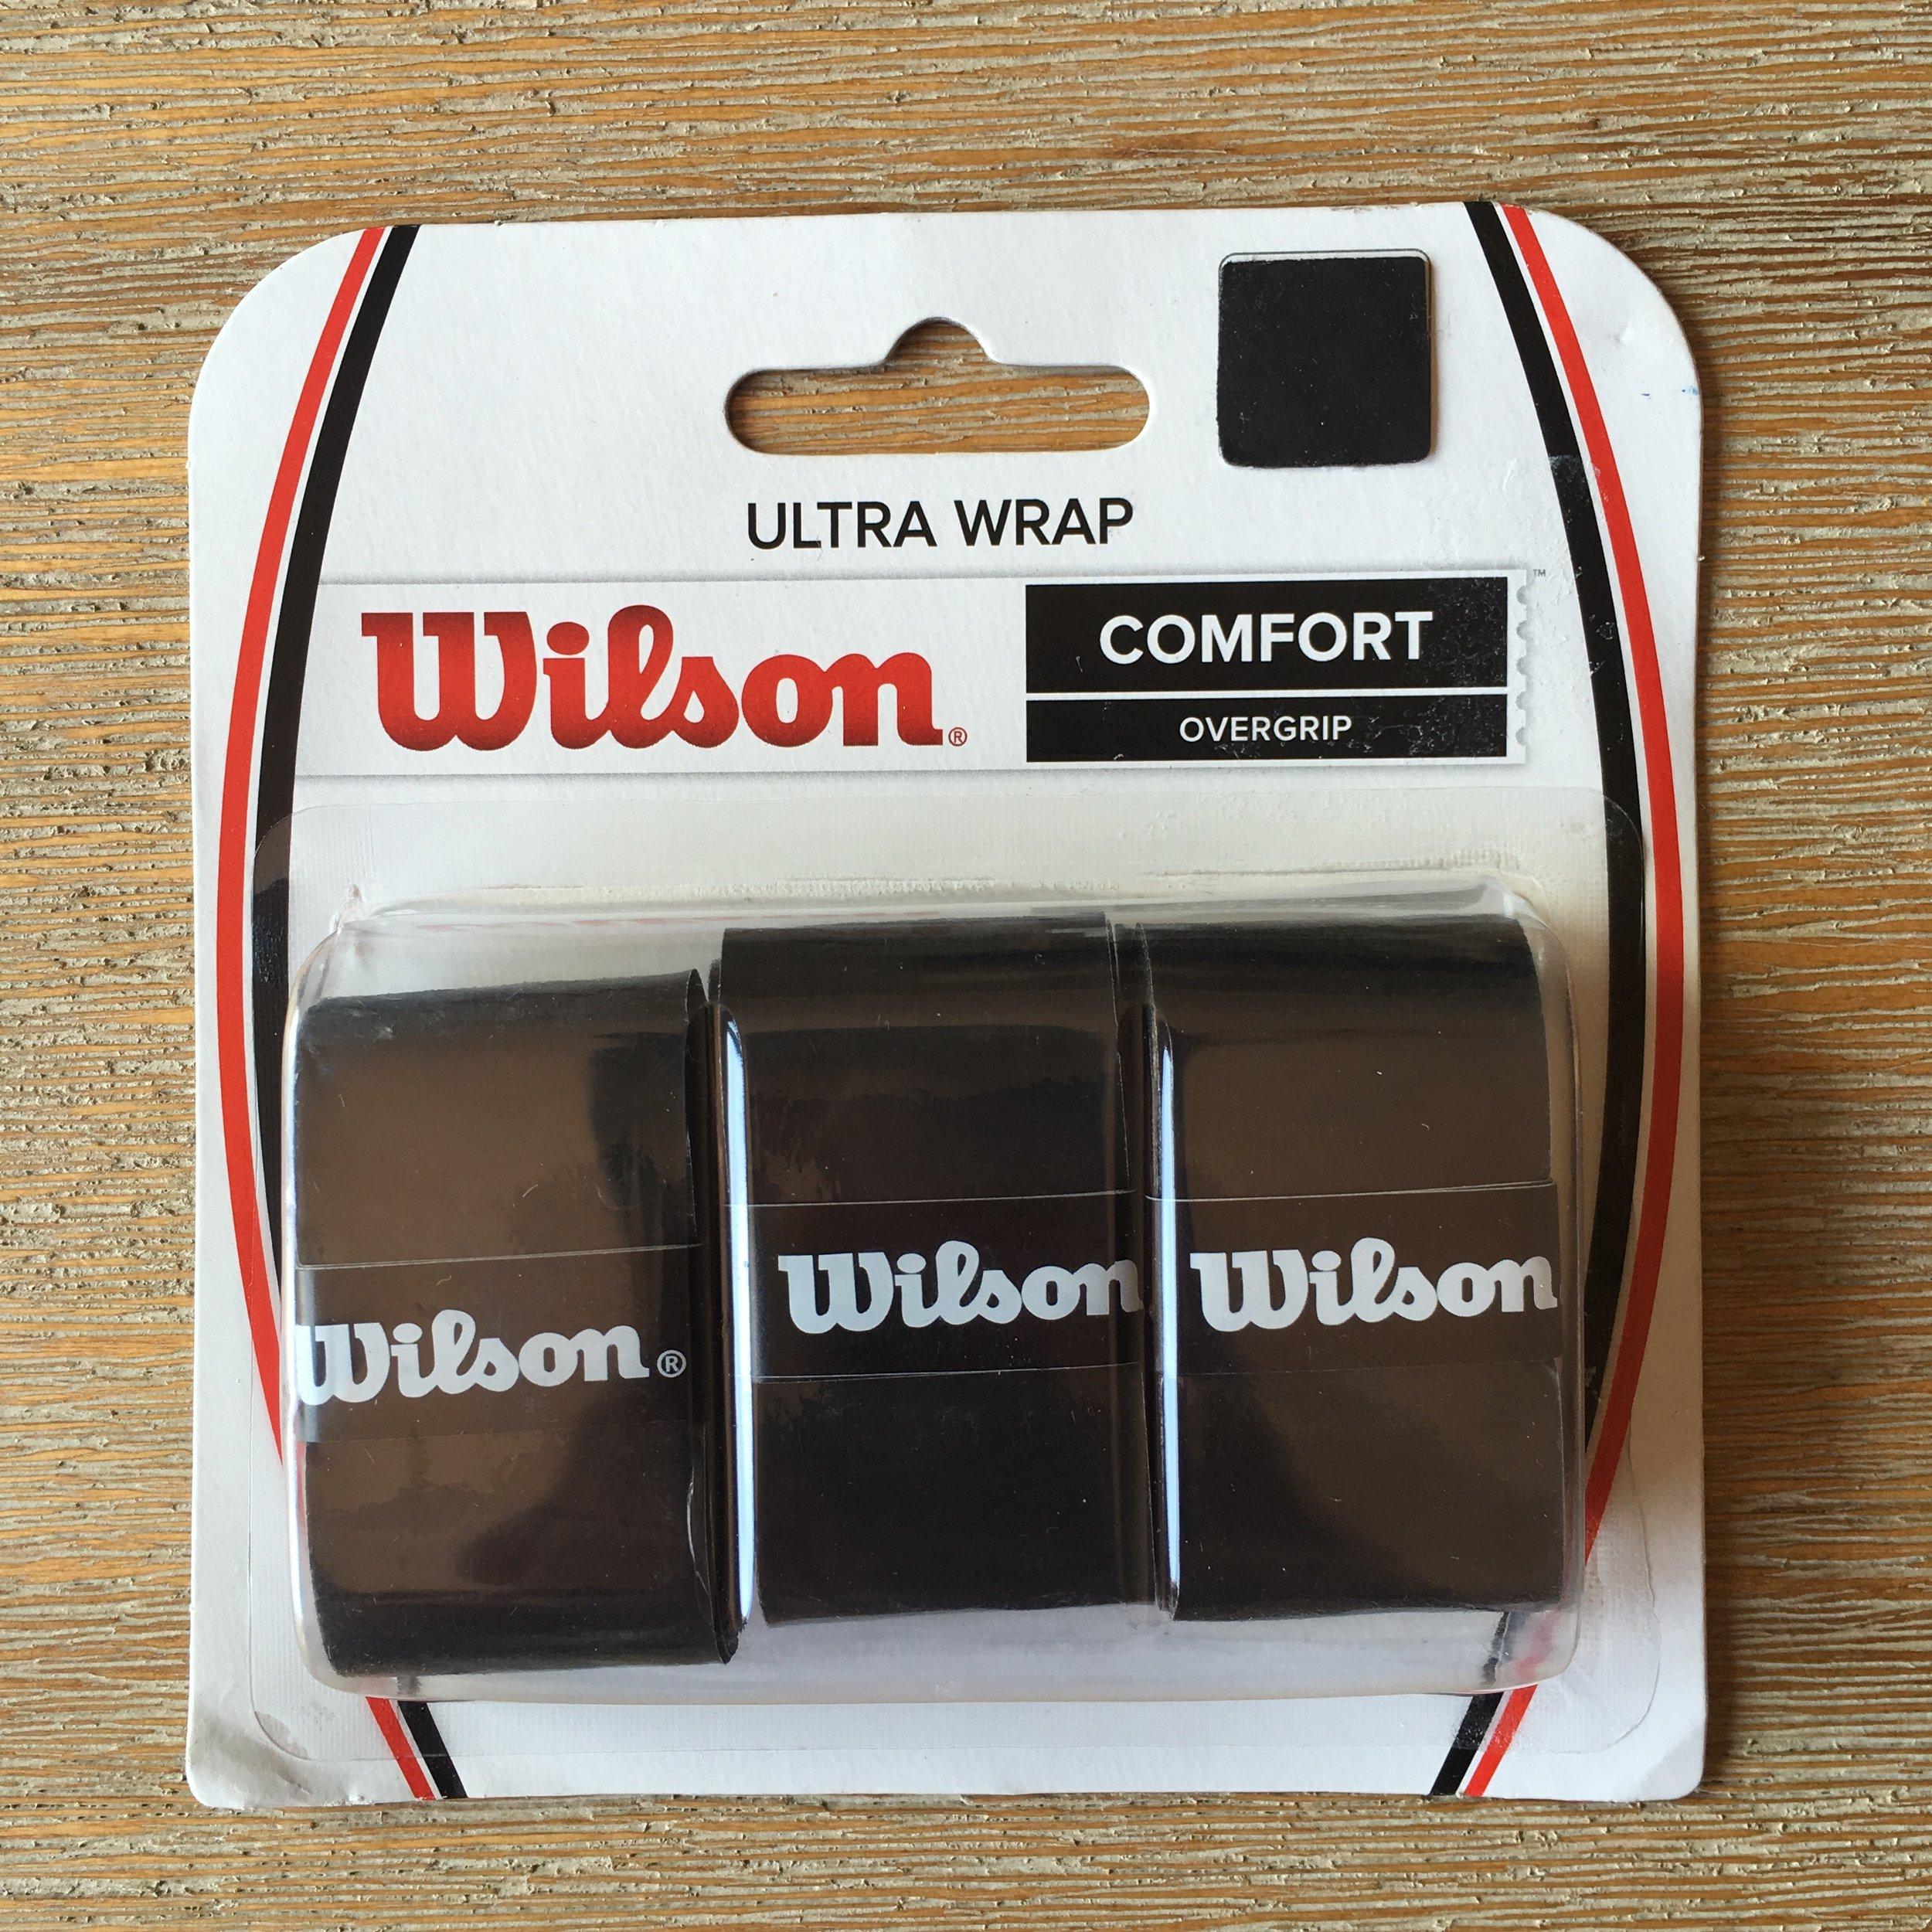 Wilson - Comfort Ultra Wrap